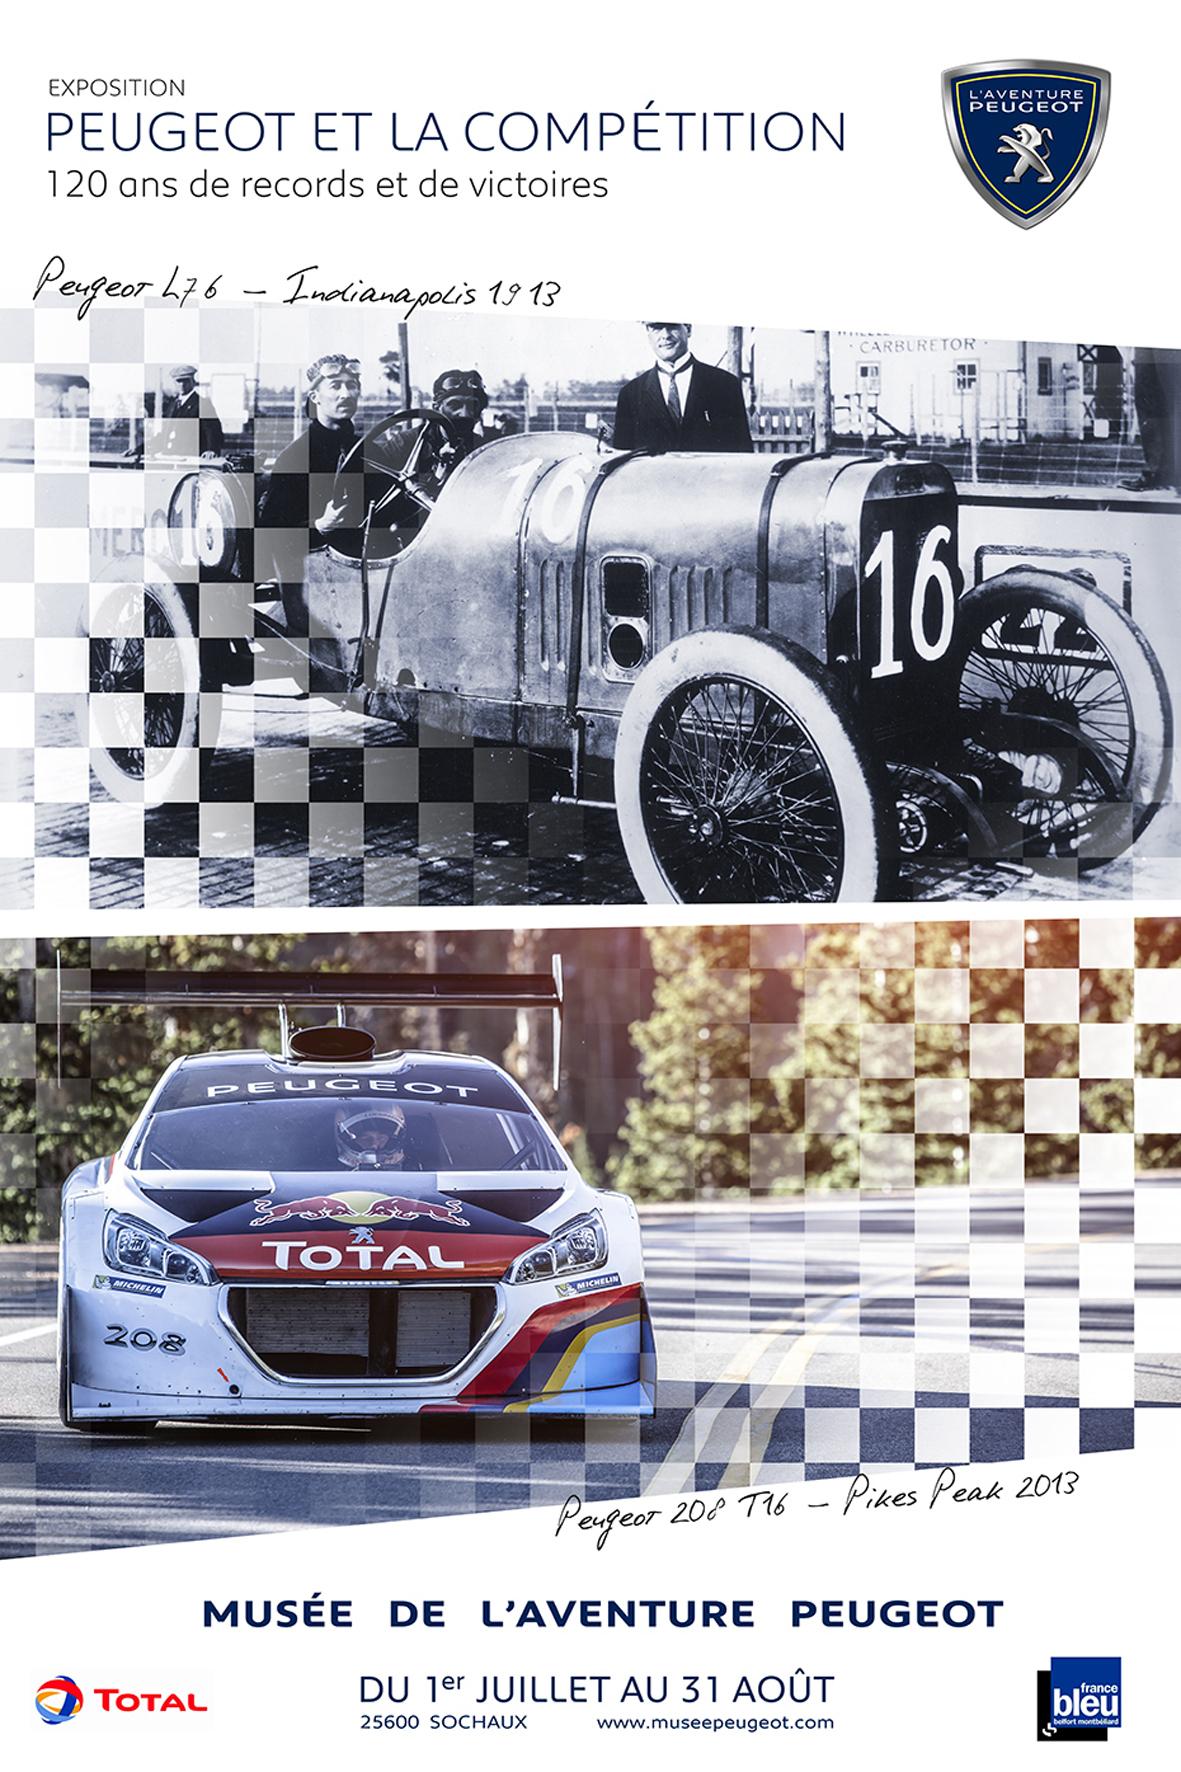 mid Düsseldorf - Peugeot feiert 120 Jahre Erfolge im Motorsport.